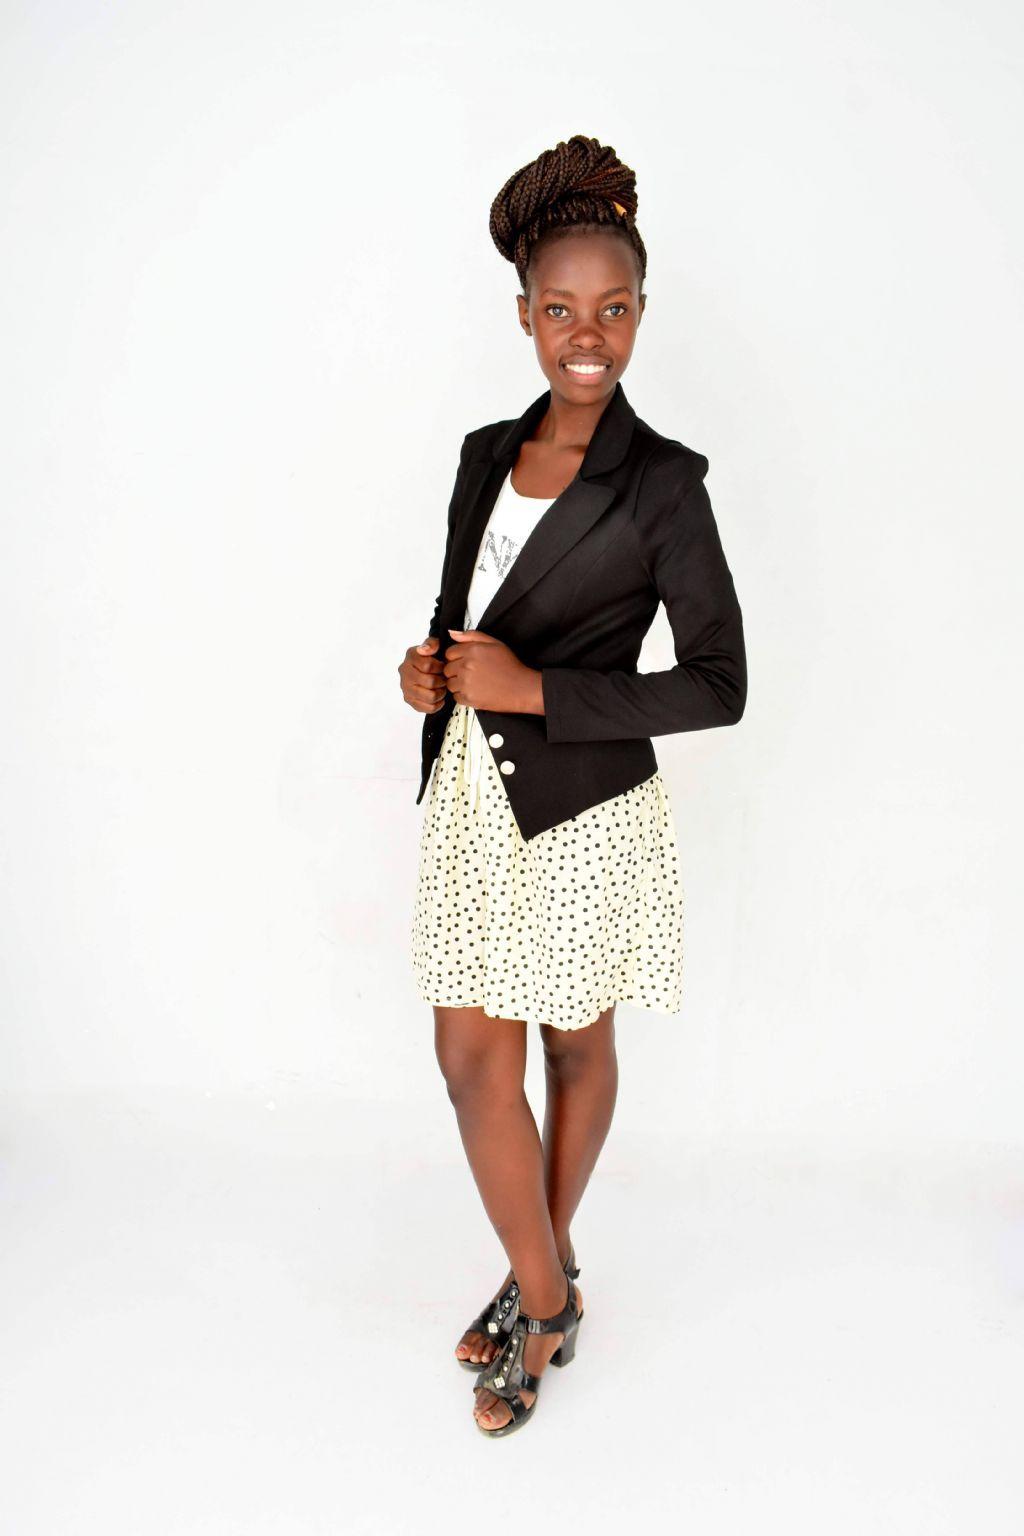 Veronicah Gechuki